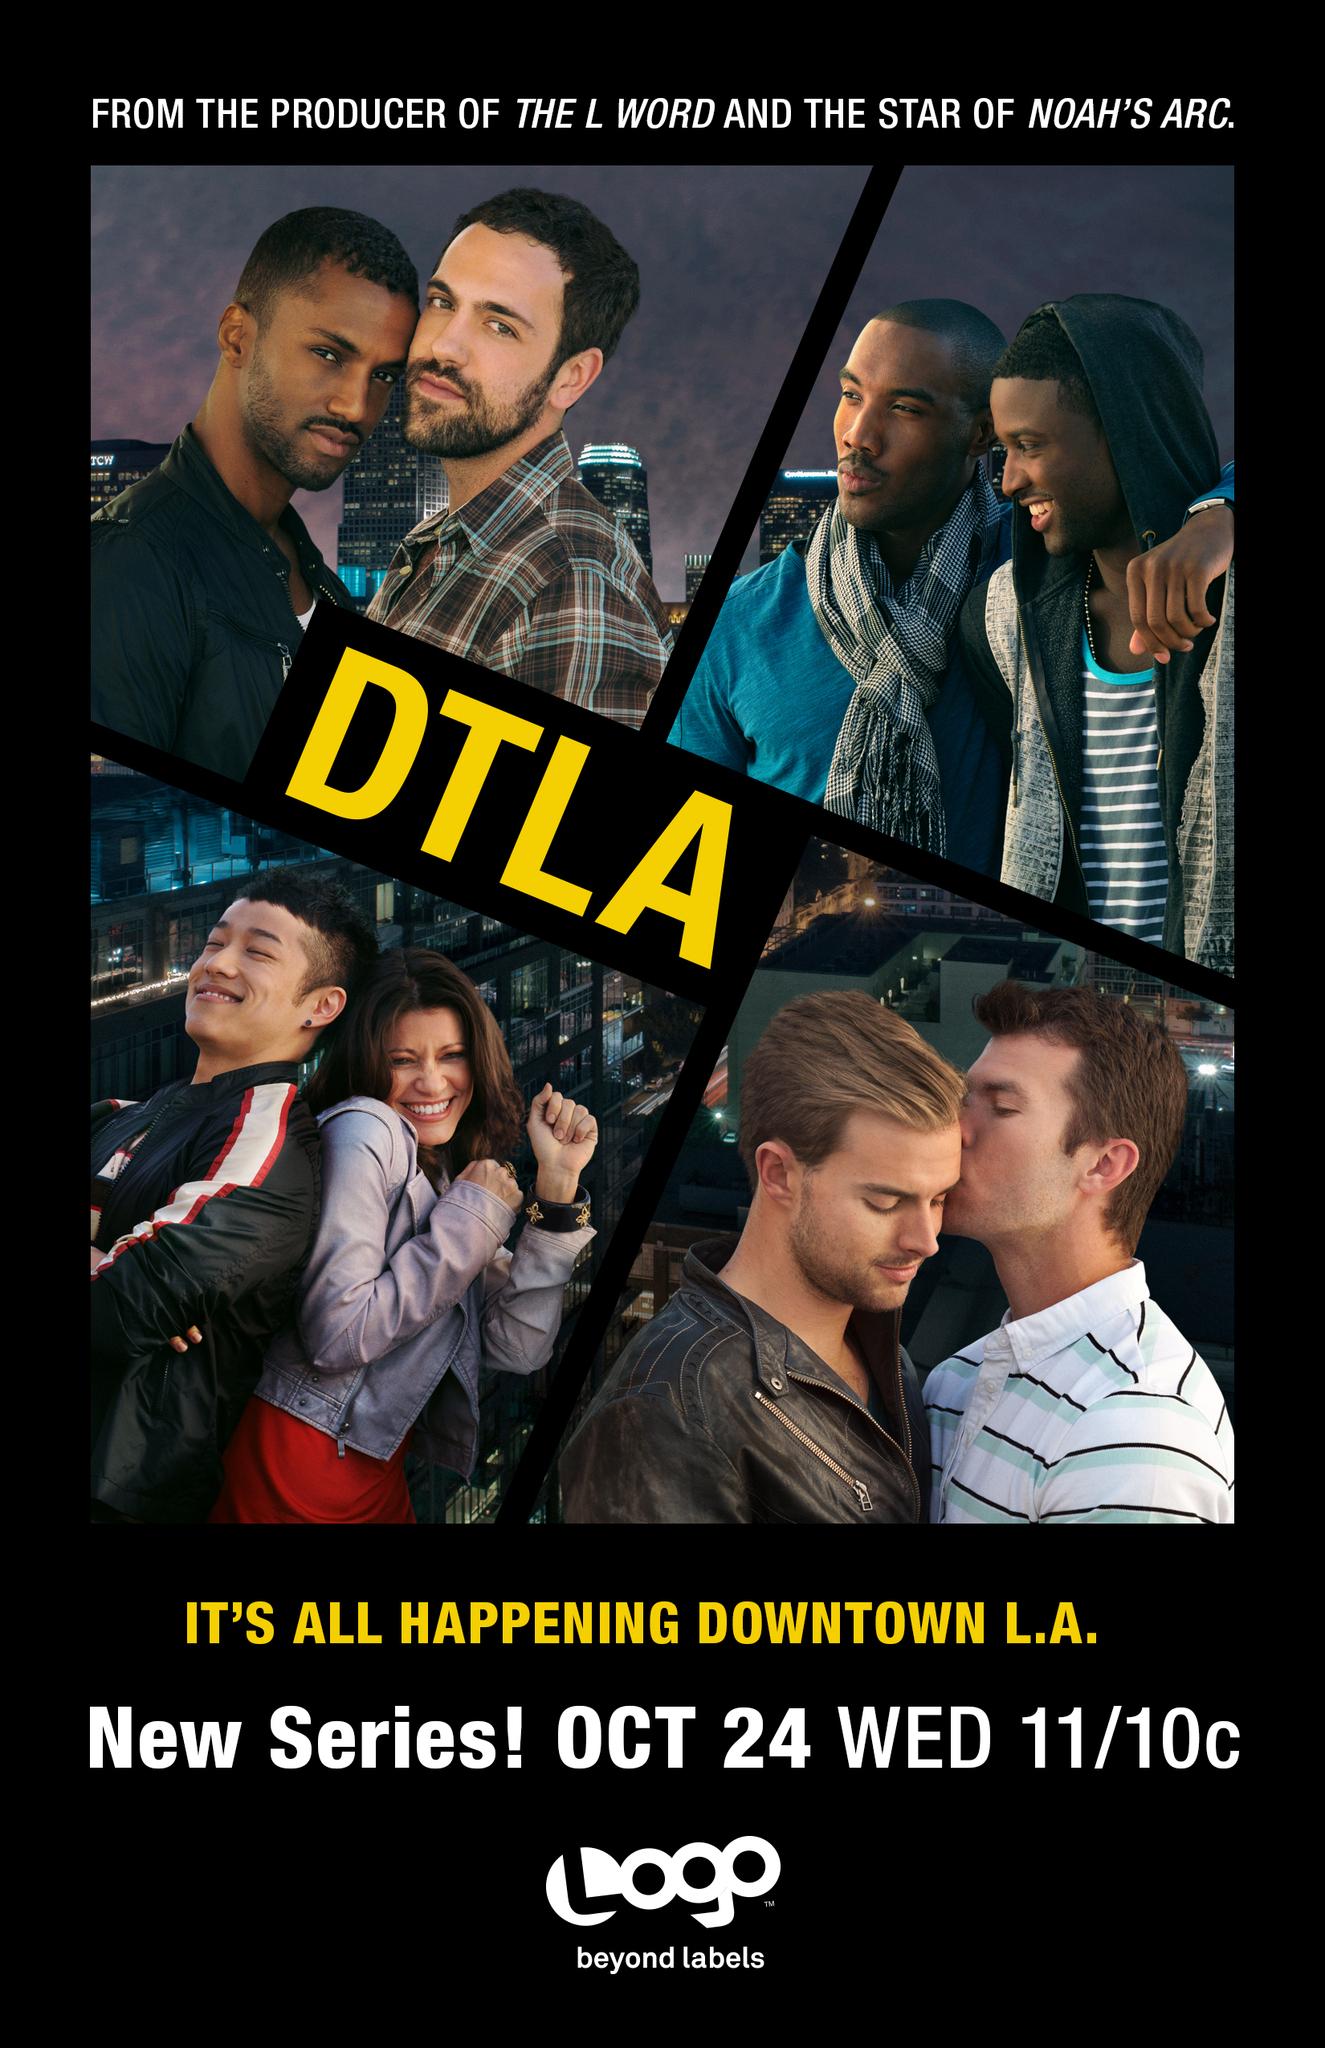 Всё сложно в Лос-Анджелесе